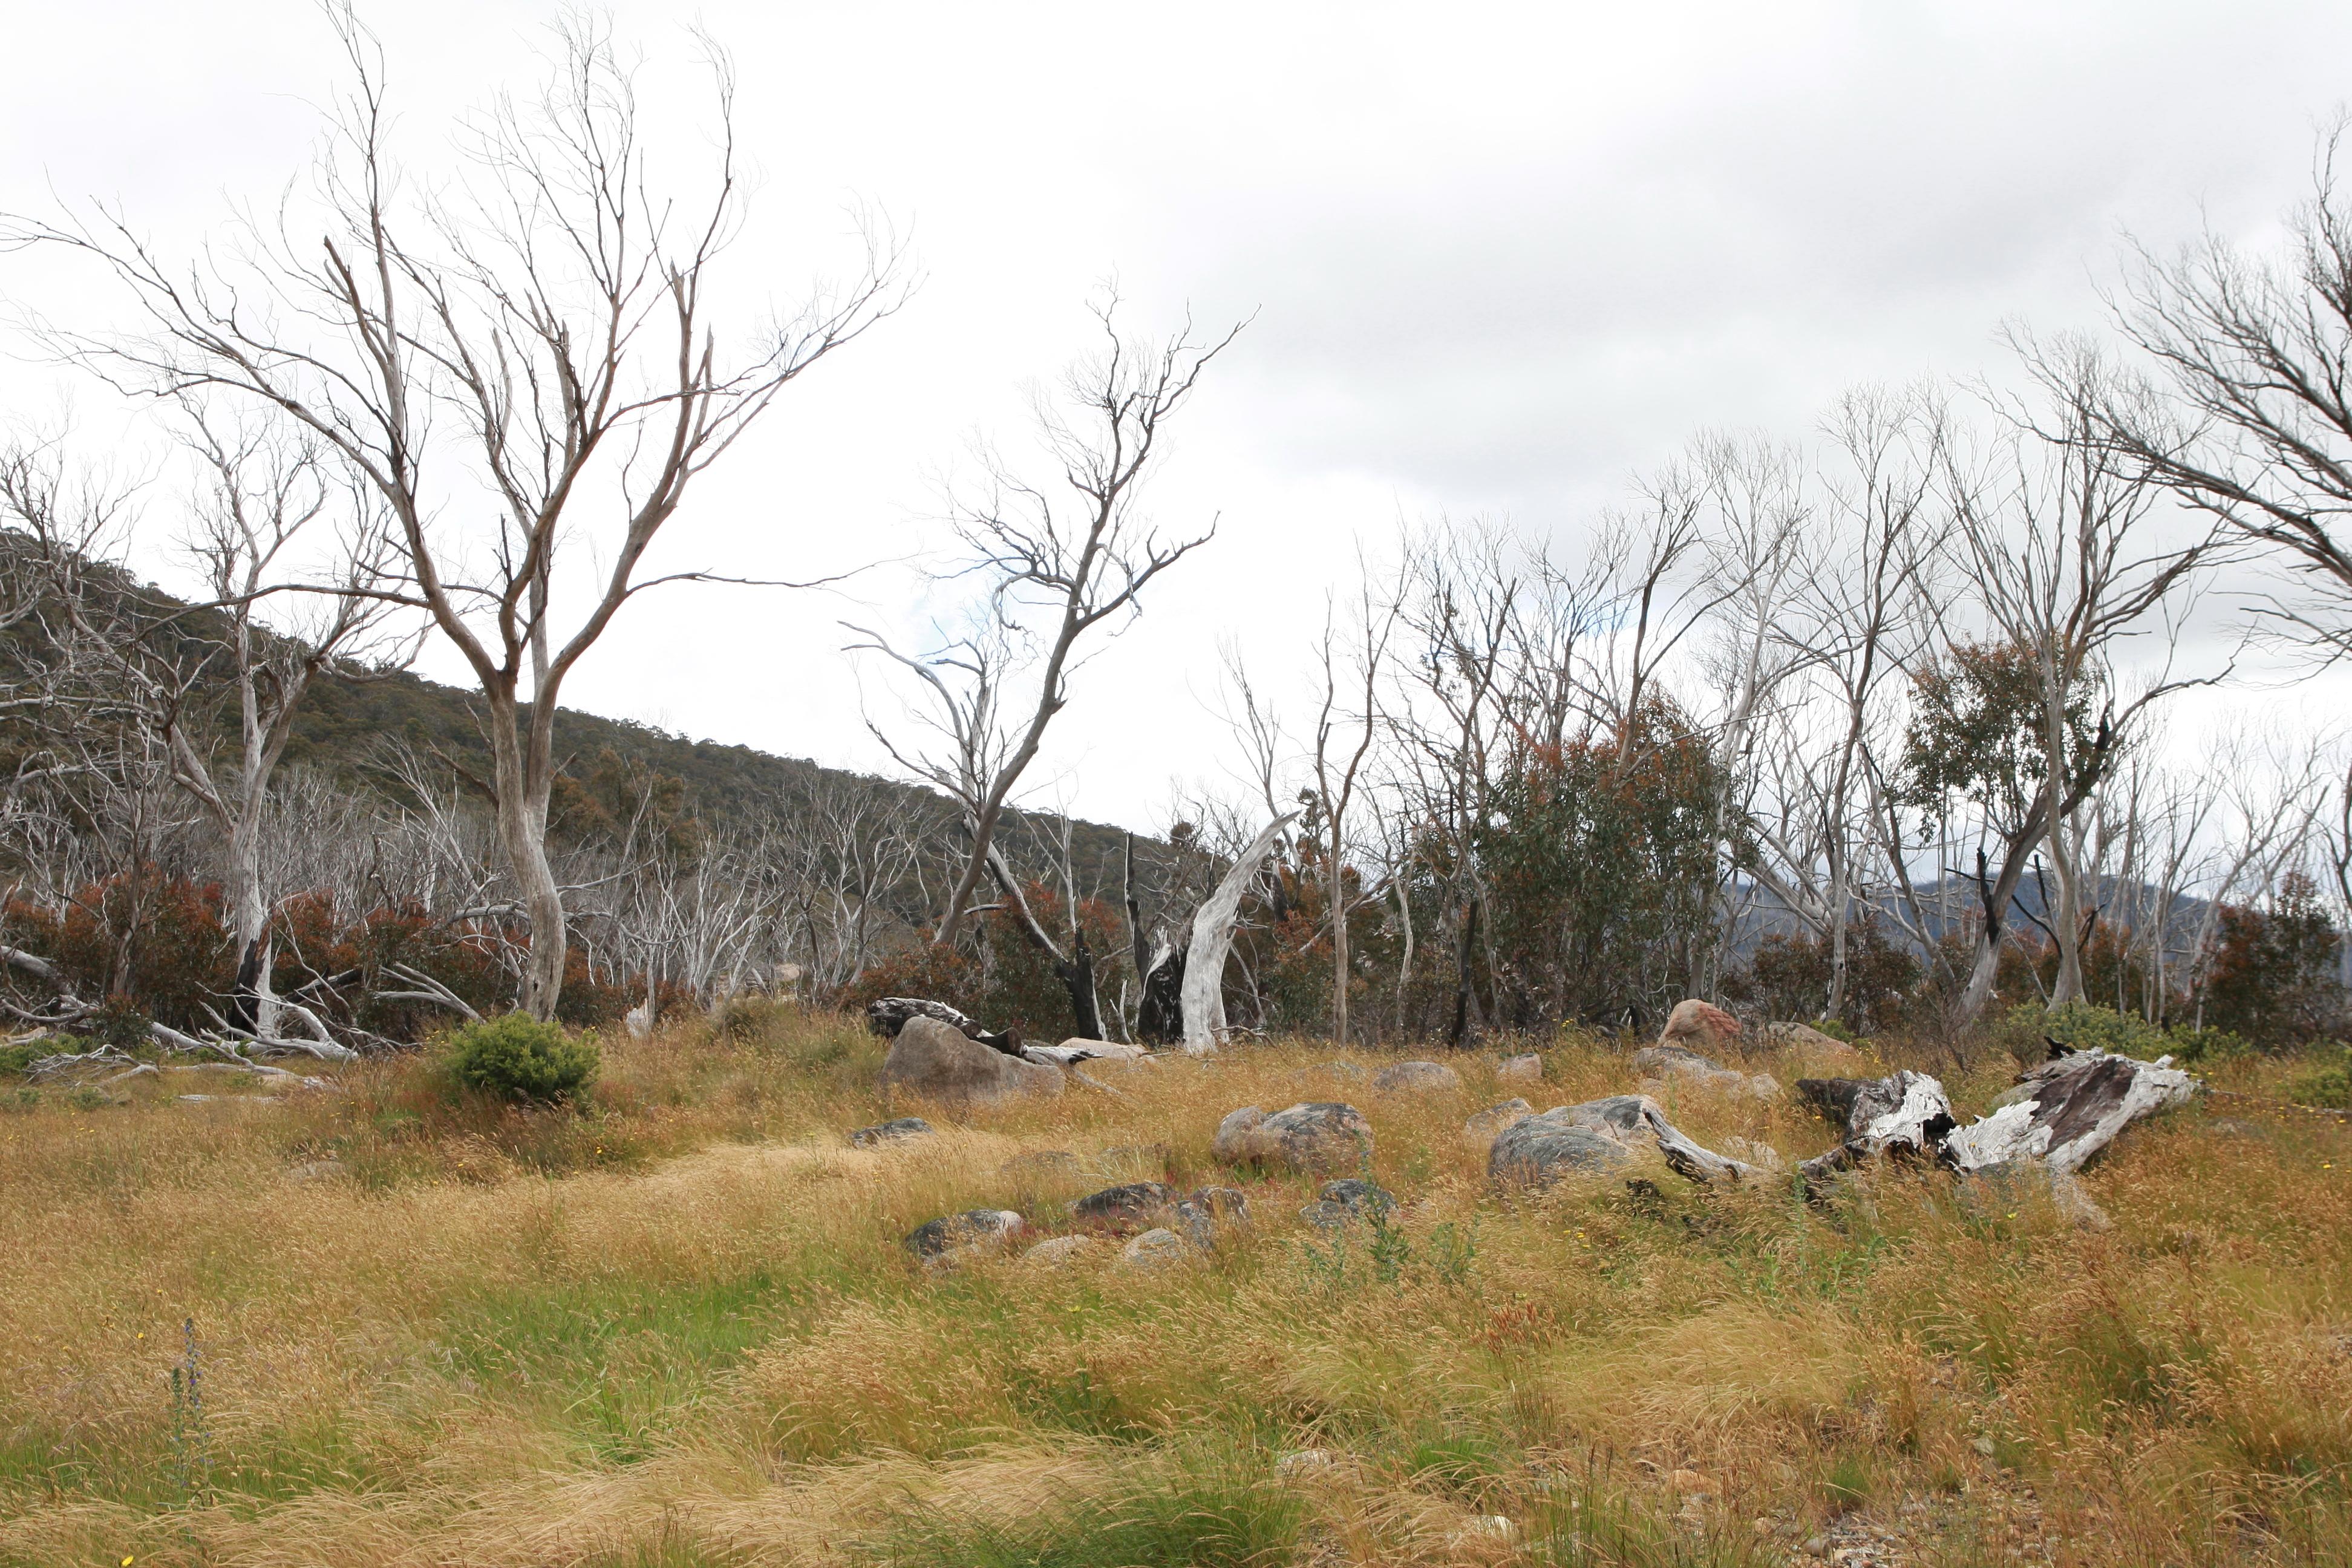 Australia_Outback_41